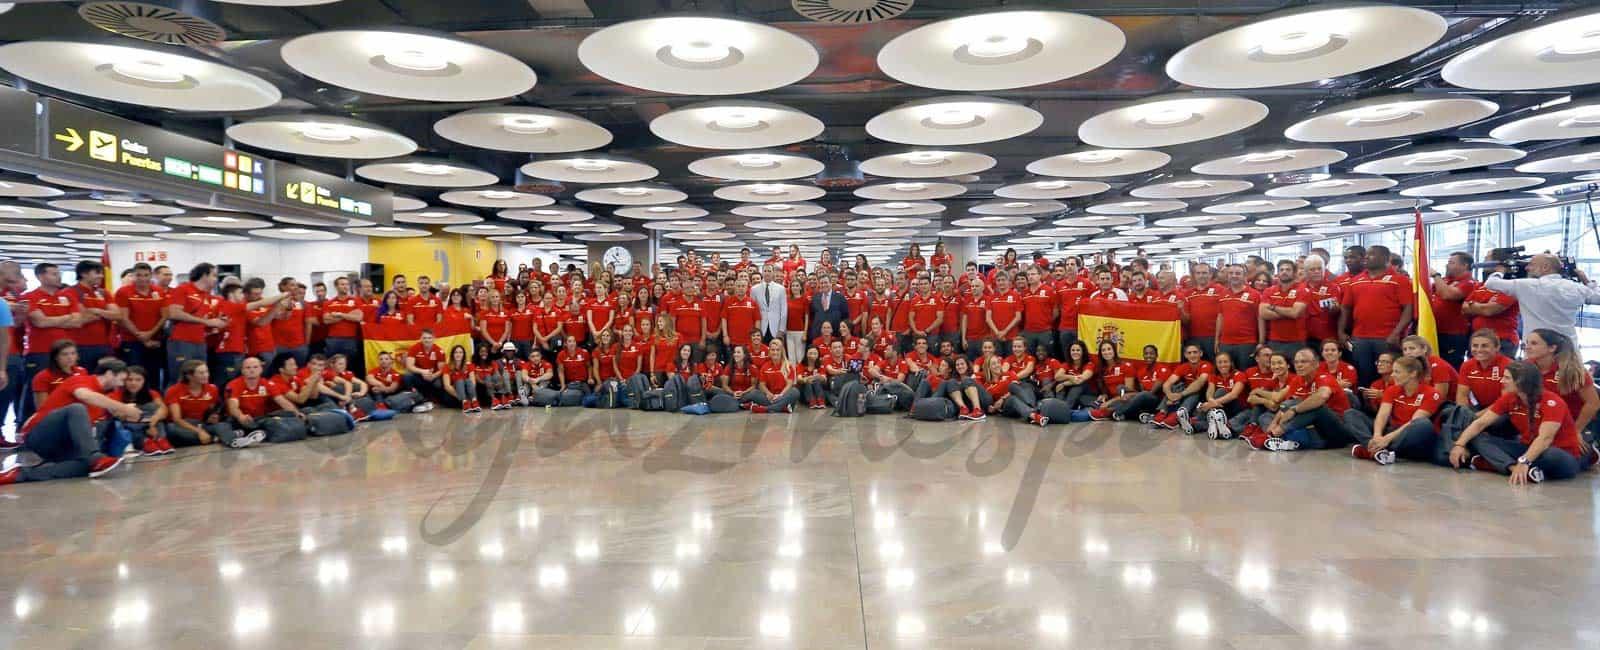 Los Reyes desean suerte al equipo olímpico español de Río